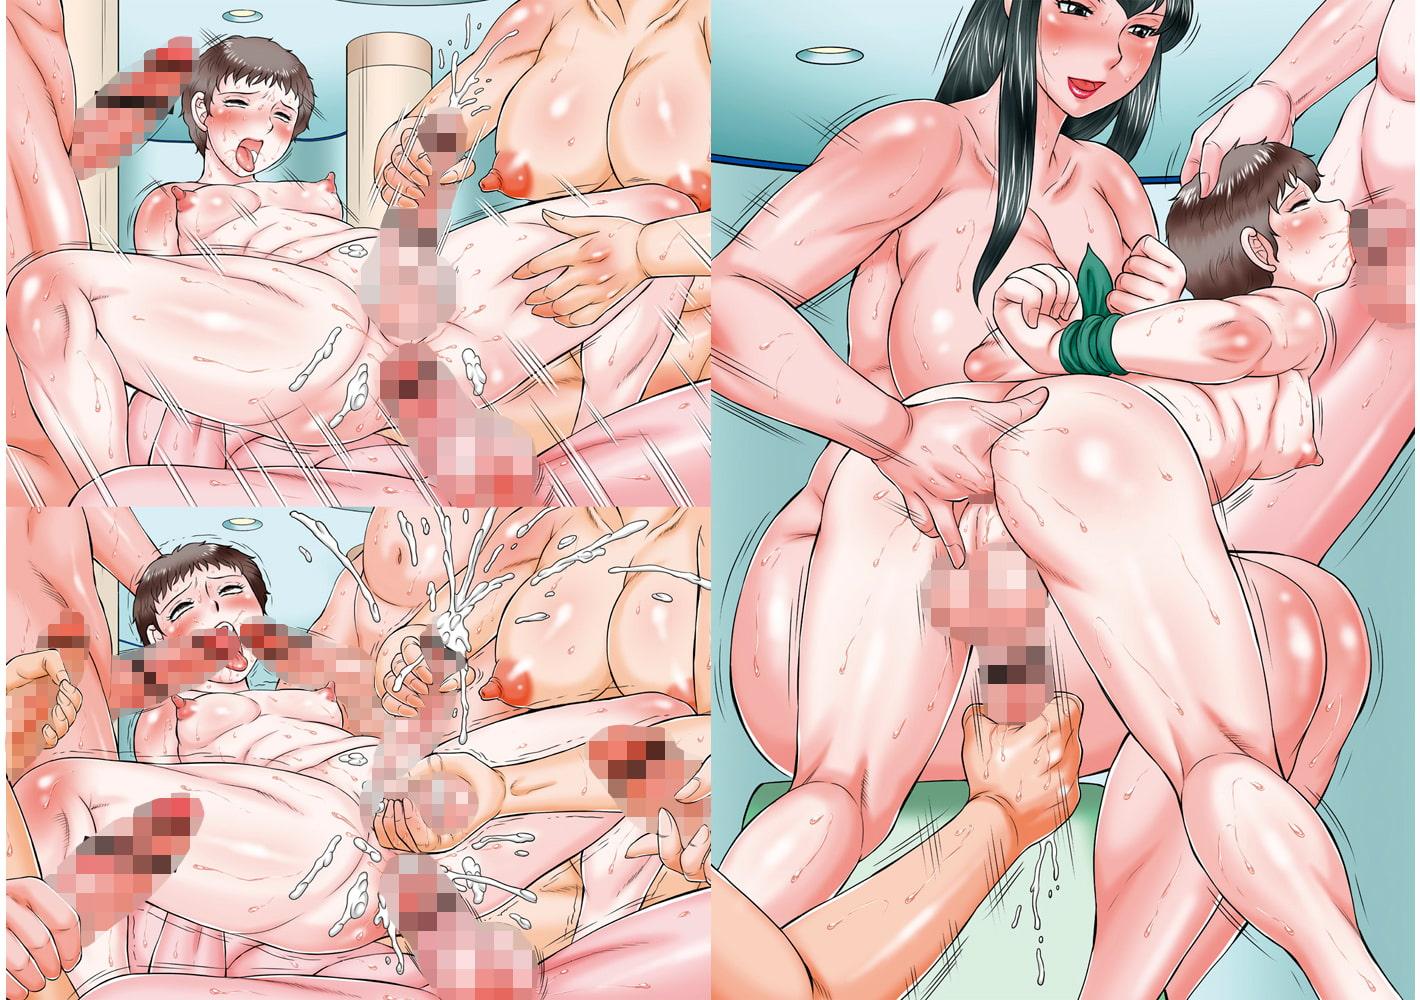 発情フタナリと淫乱なボクのサンプル画像